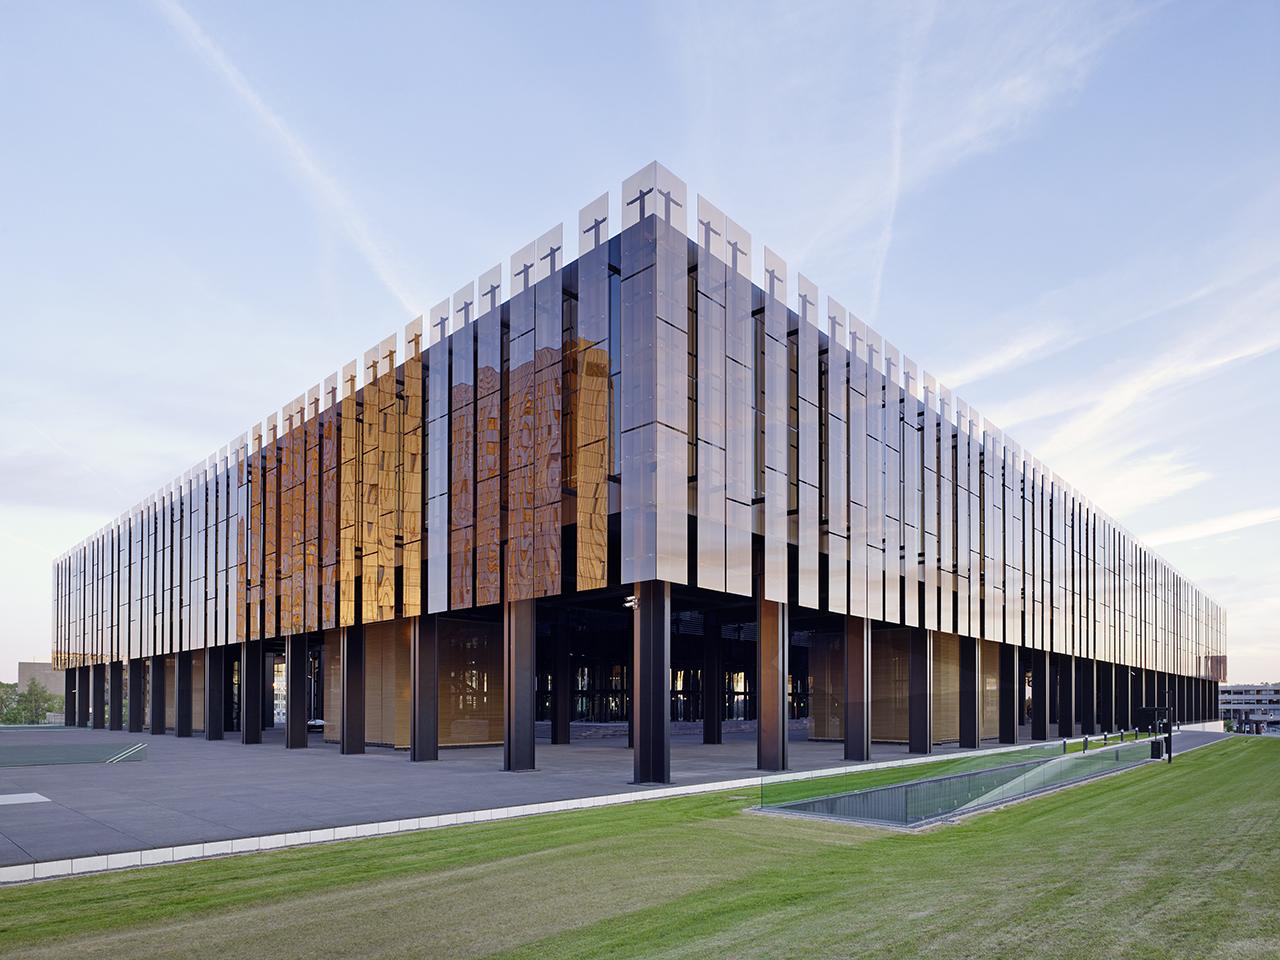 Ssp europ ischer gerichtshof luxemburg - Architekten luxemburg ...